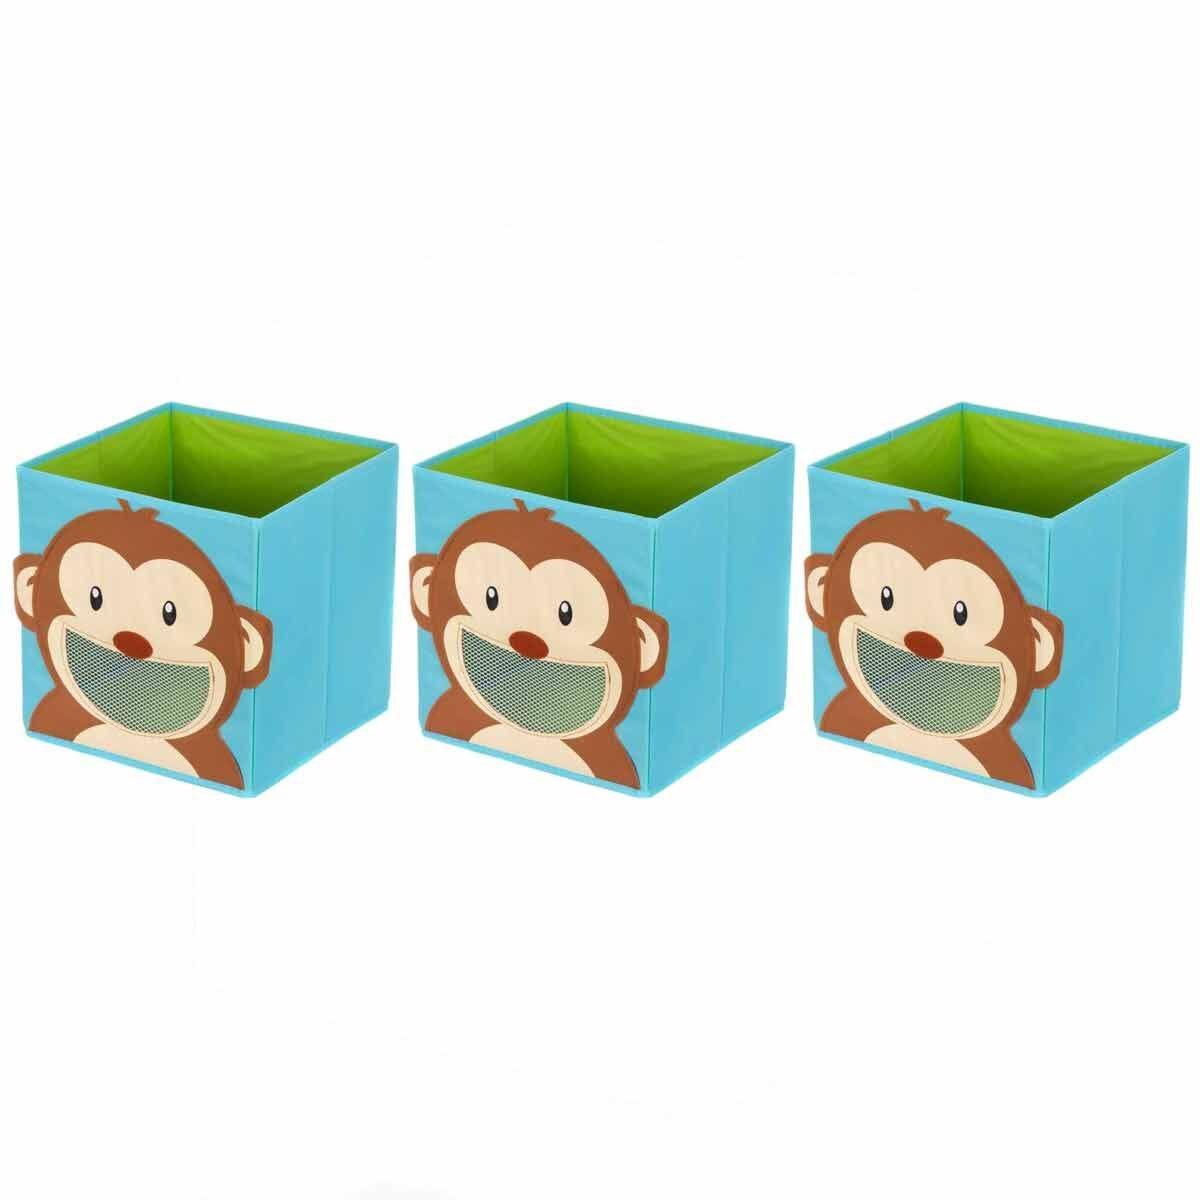 Ryman Childrens Storage Cube Monkey Pack of 3